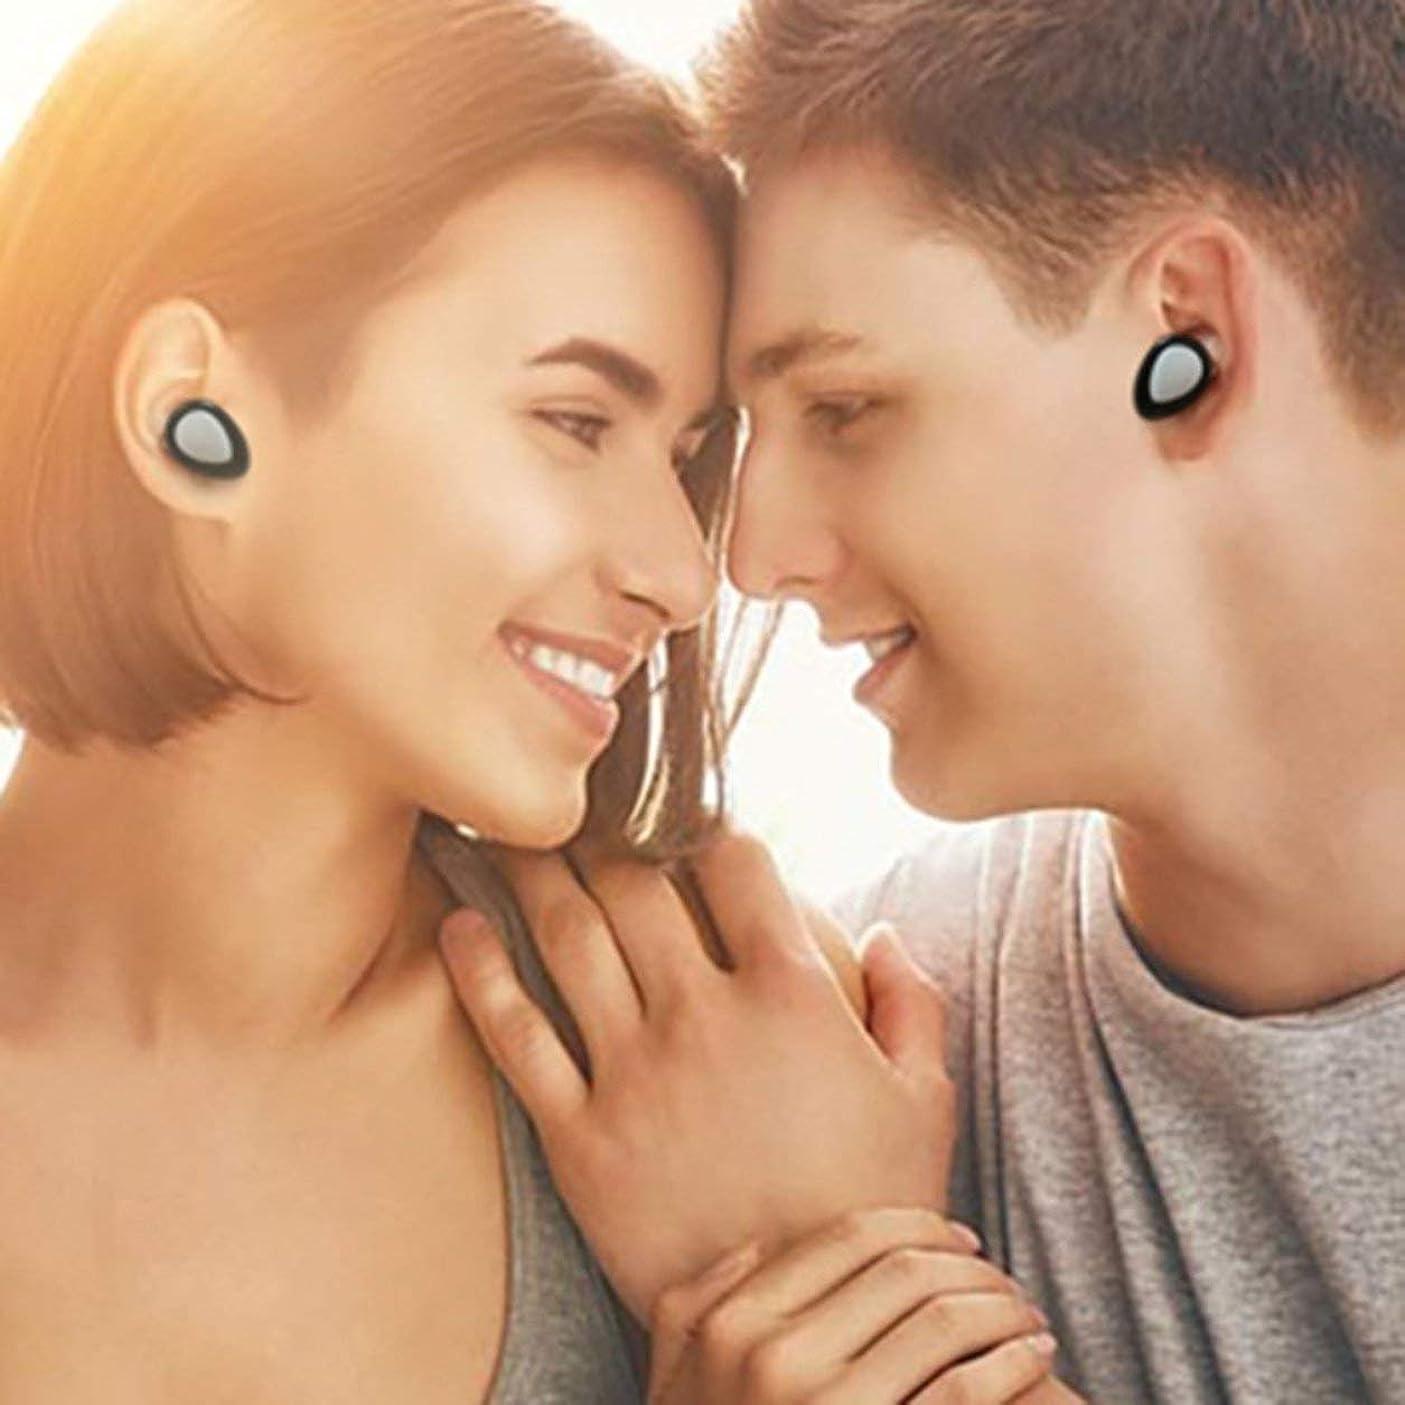 お嬢踏み台性交Saikogoods TWS-K2 Mini In-ear Stereo Bluetooth Headset Handsfree Sport Earbuds Wireless Bluetooth 4.1 Earphone With Mic Charger Box